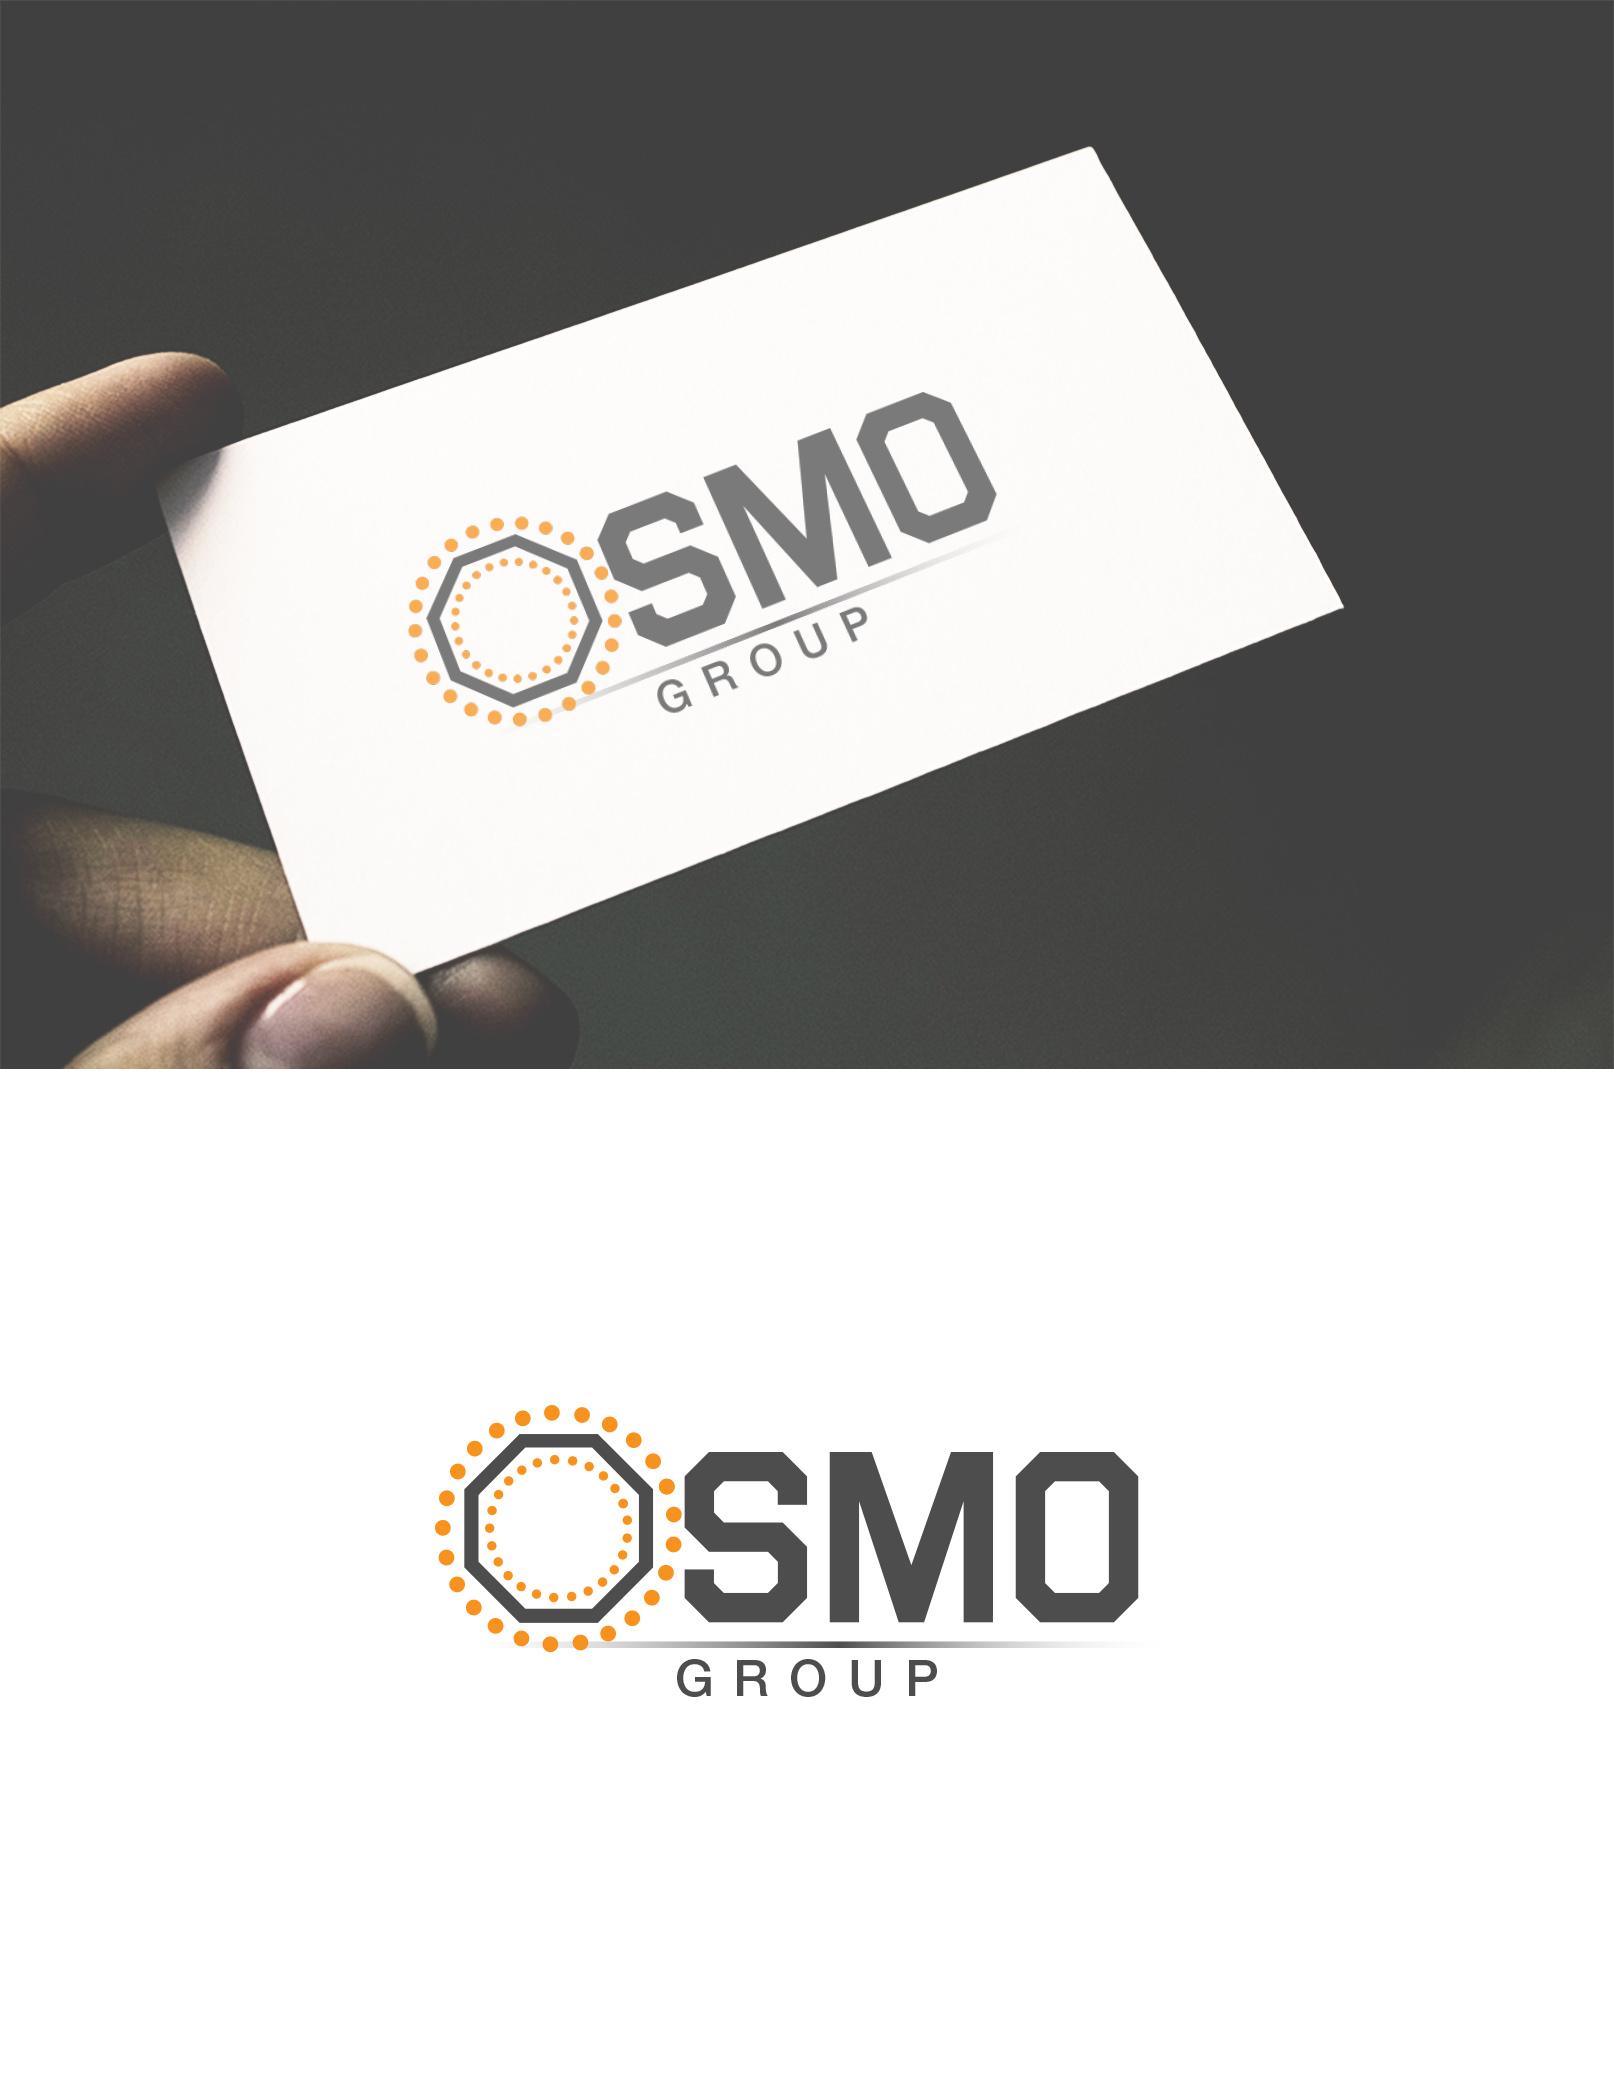 Создание логотипа для строительной компании OSMO group  фото f_20659b51155e22f5.jpg